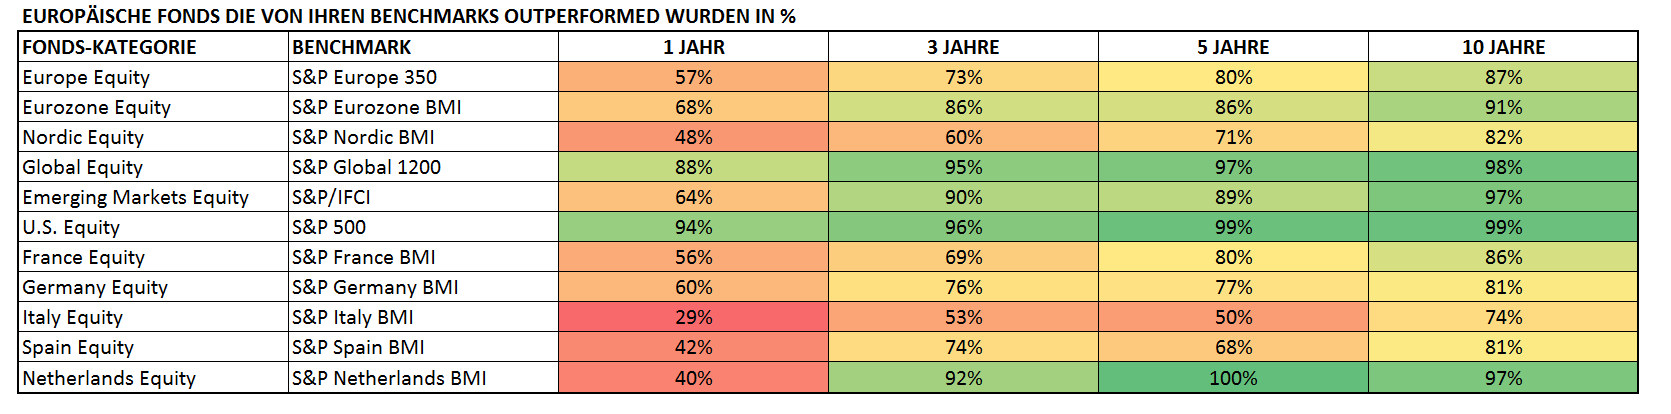 EUROPÄISCHE FONDS DIE VON IHREN BENCHMARKS OUTPERFORMED WURDEN IN %